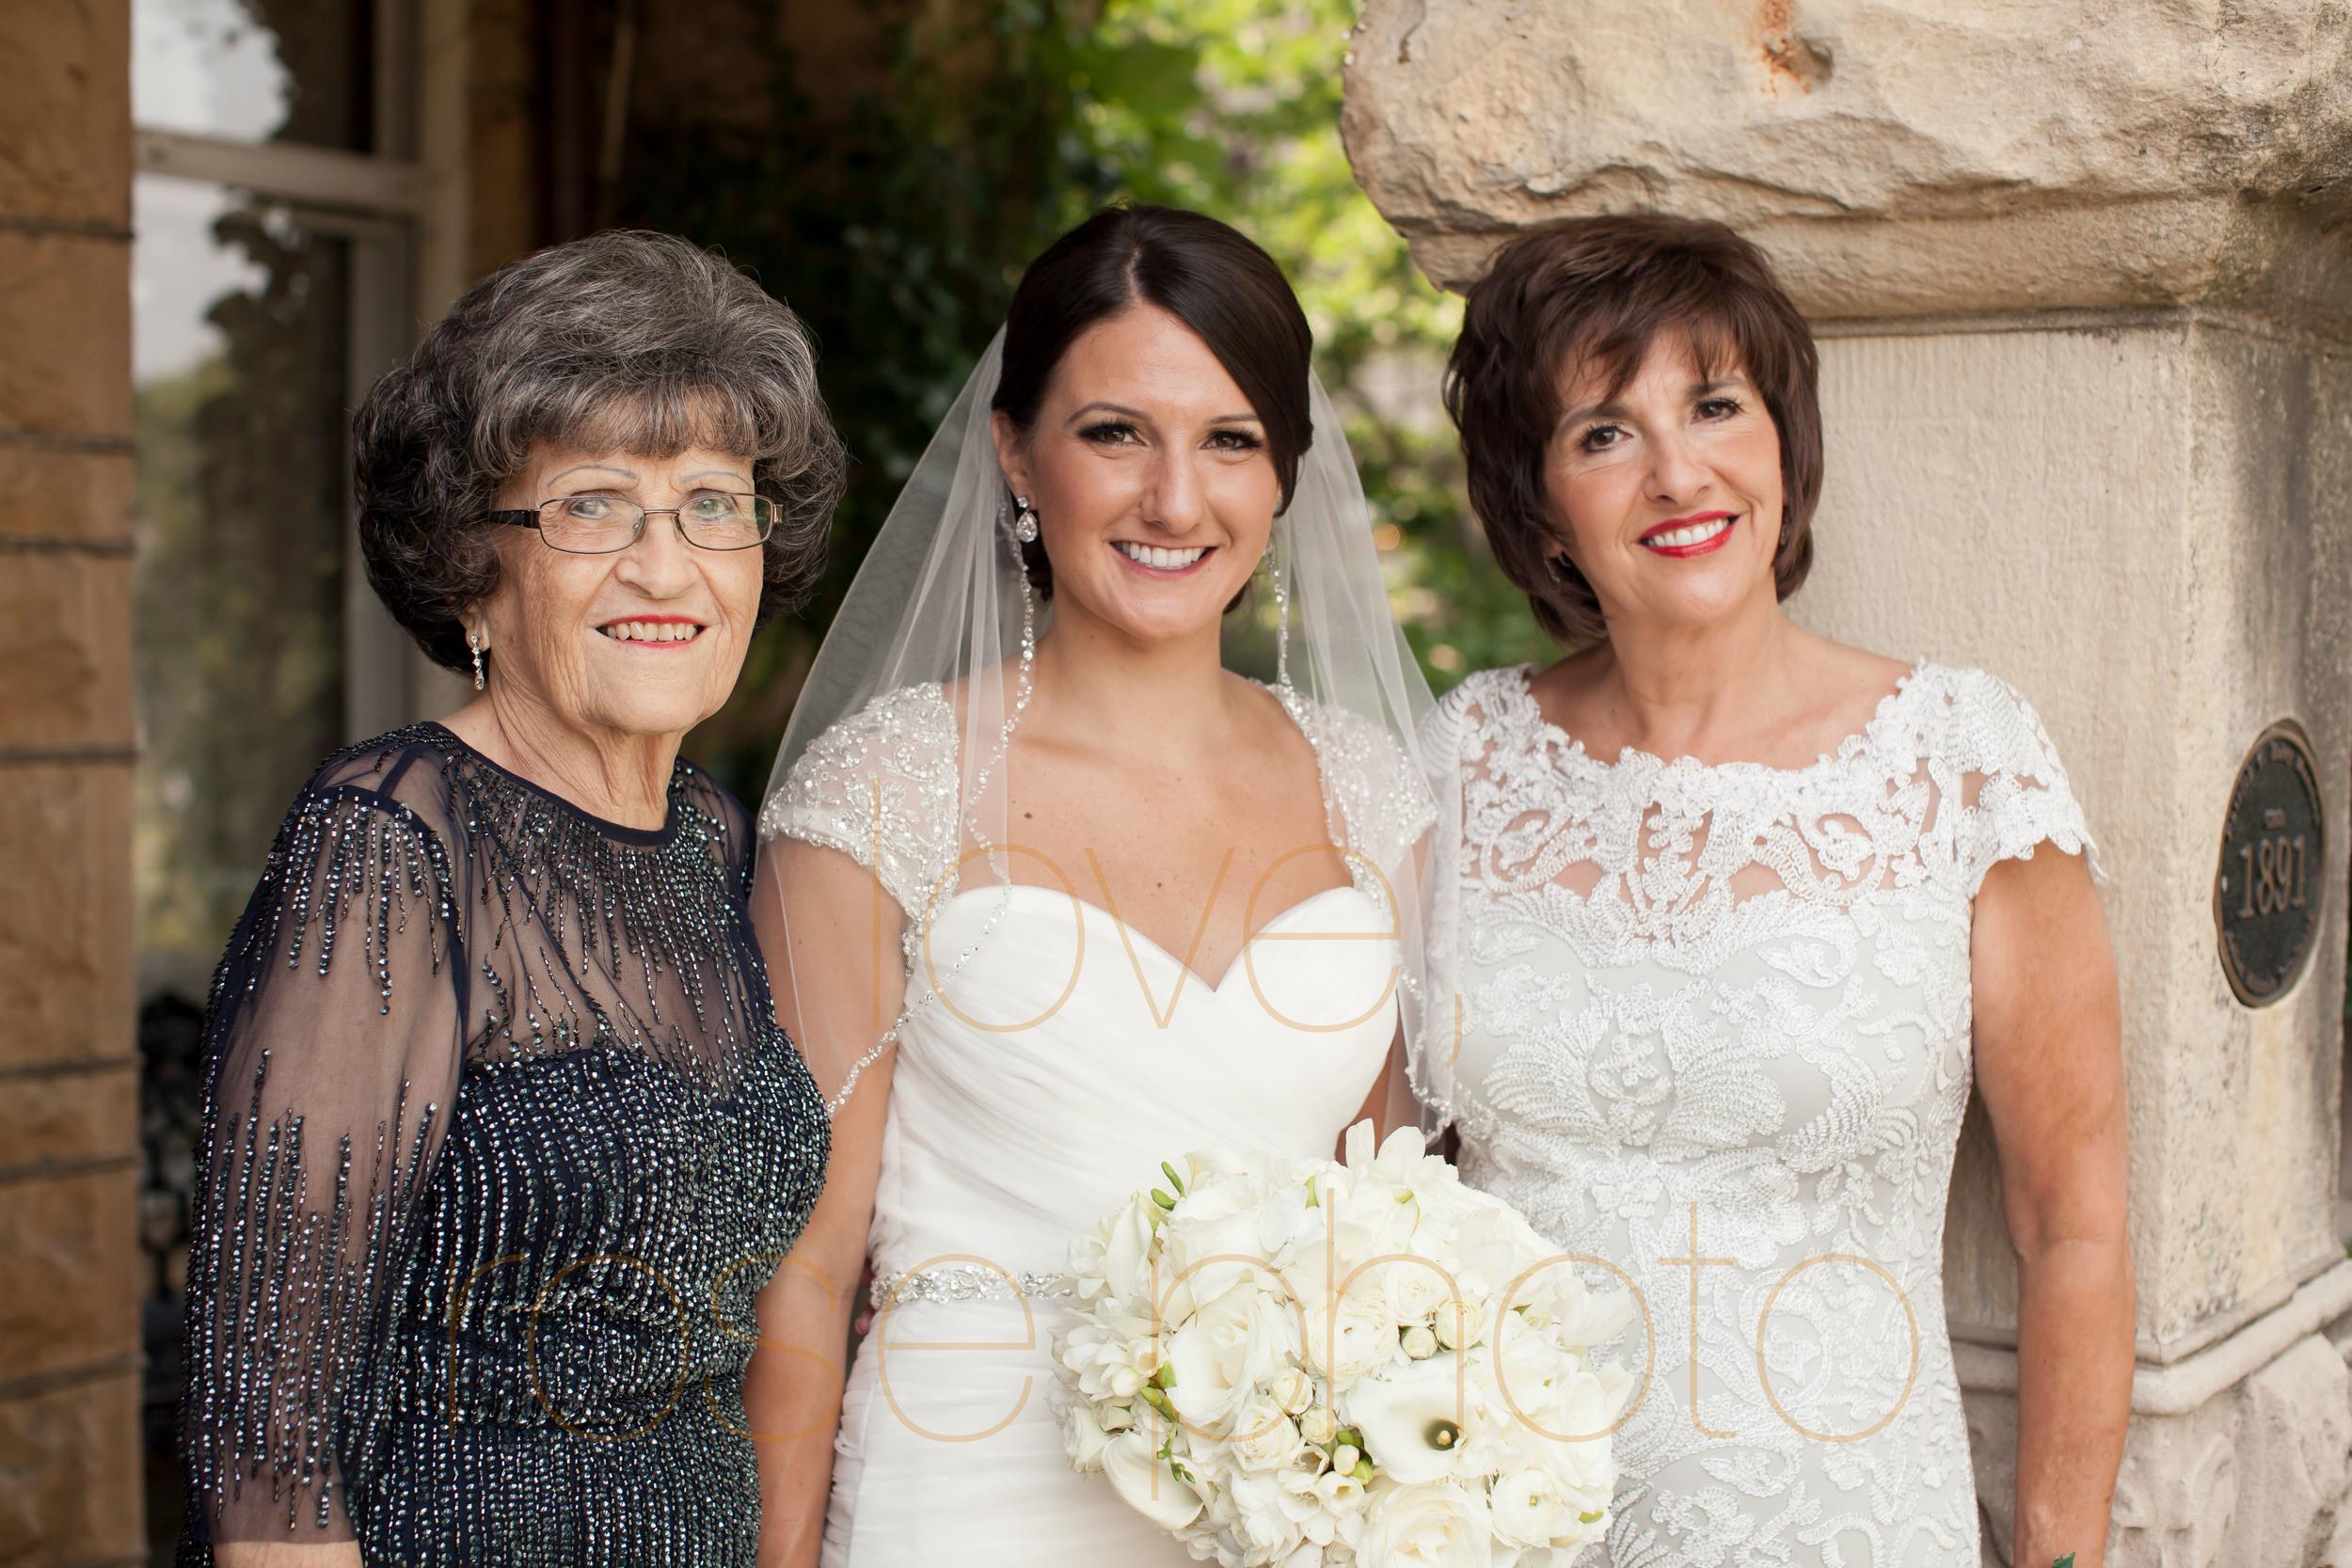 ellen + bryan chicago wedding joliet james healy mansion portrait lifestyle photojournalist photographer -004.jpg